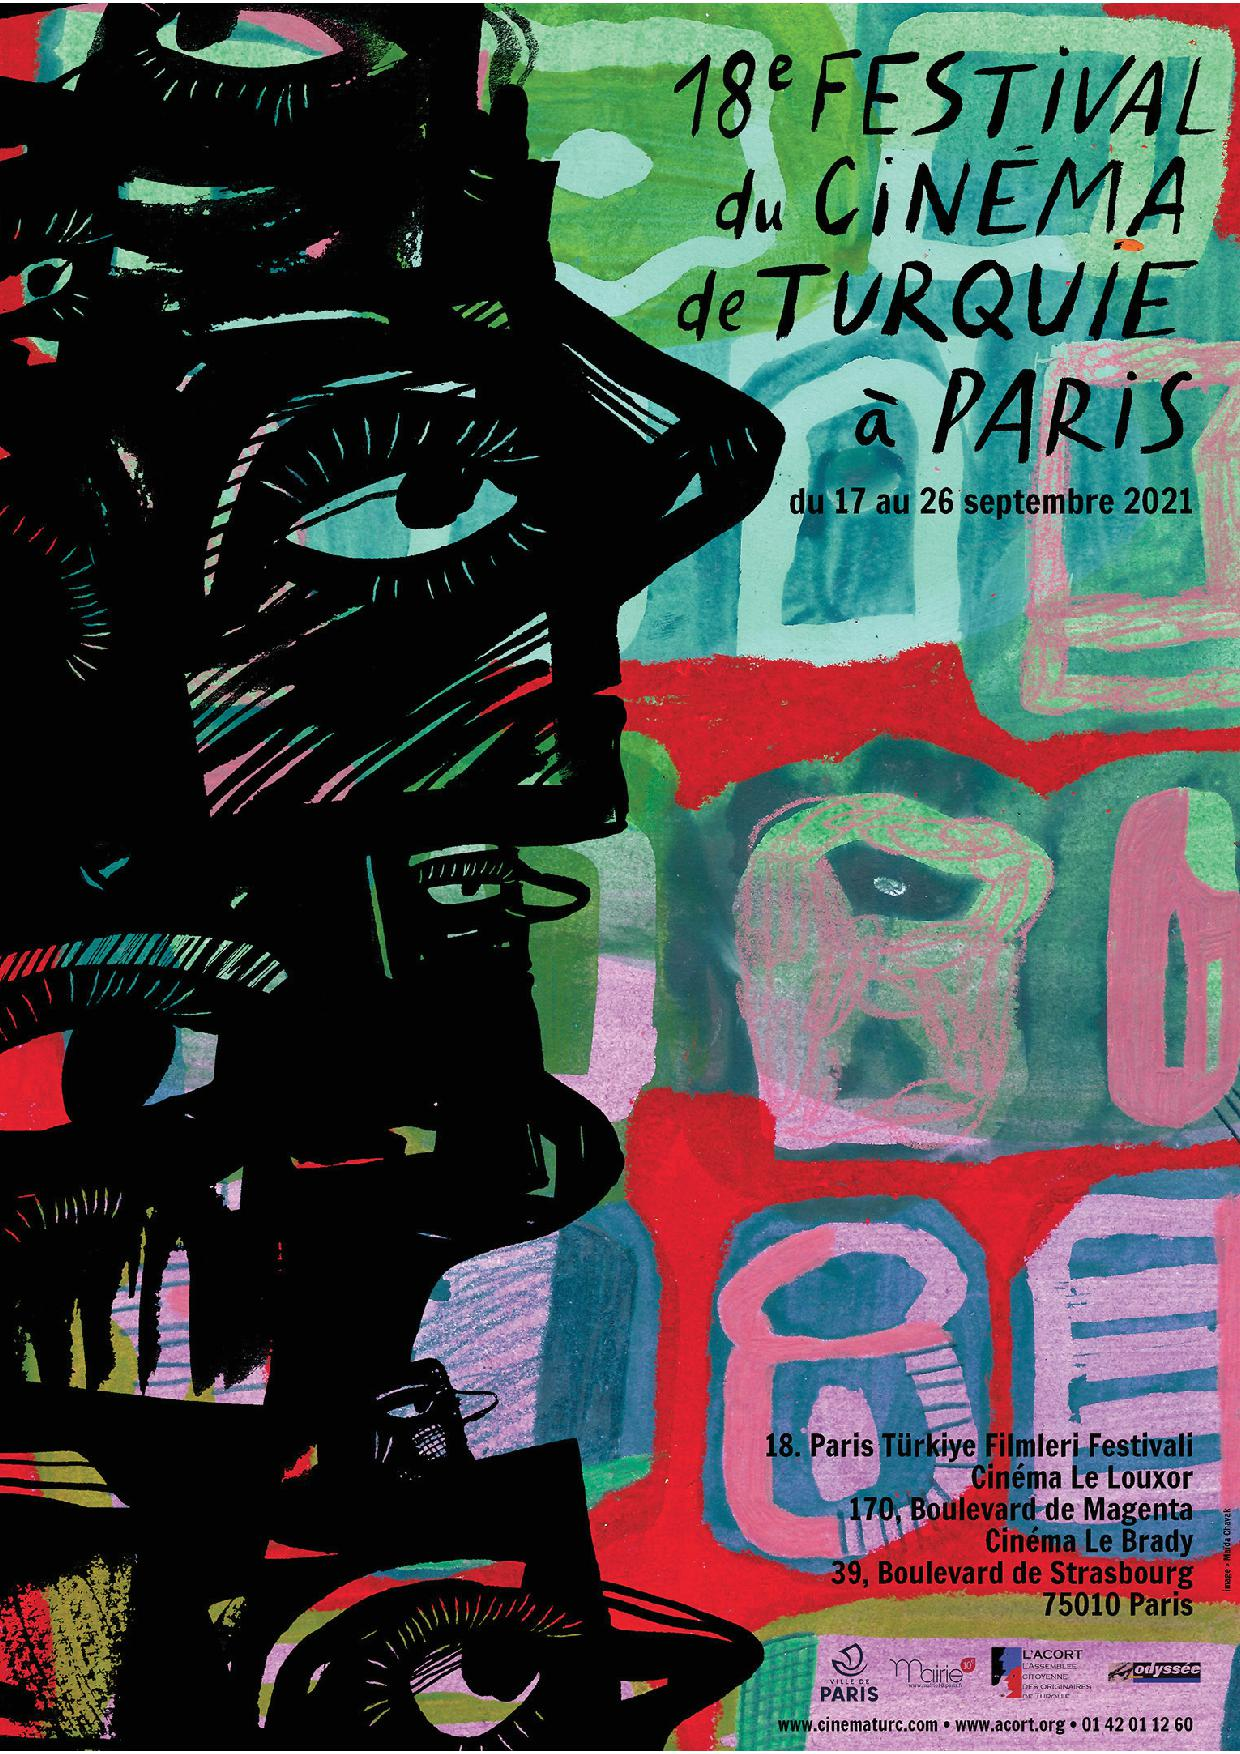 affiche _18eme festival du Cinéma de Turquie à Paris